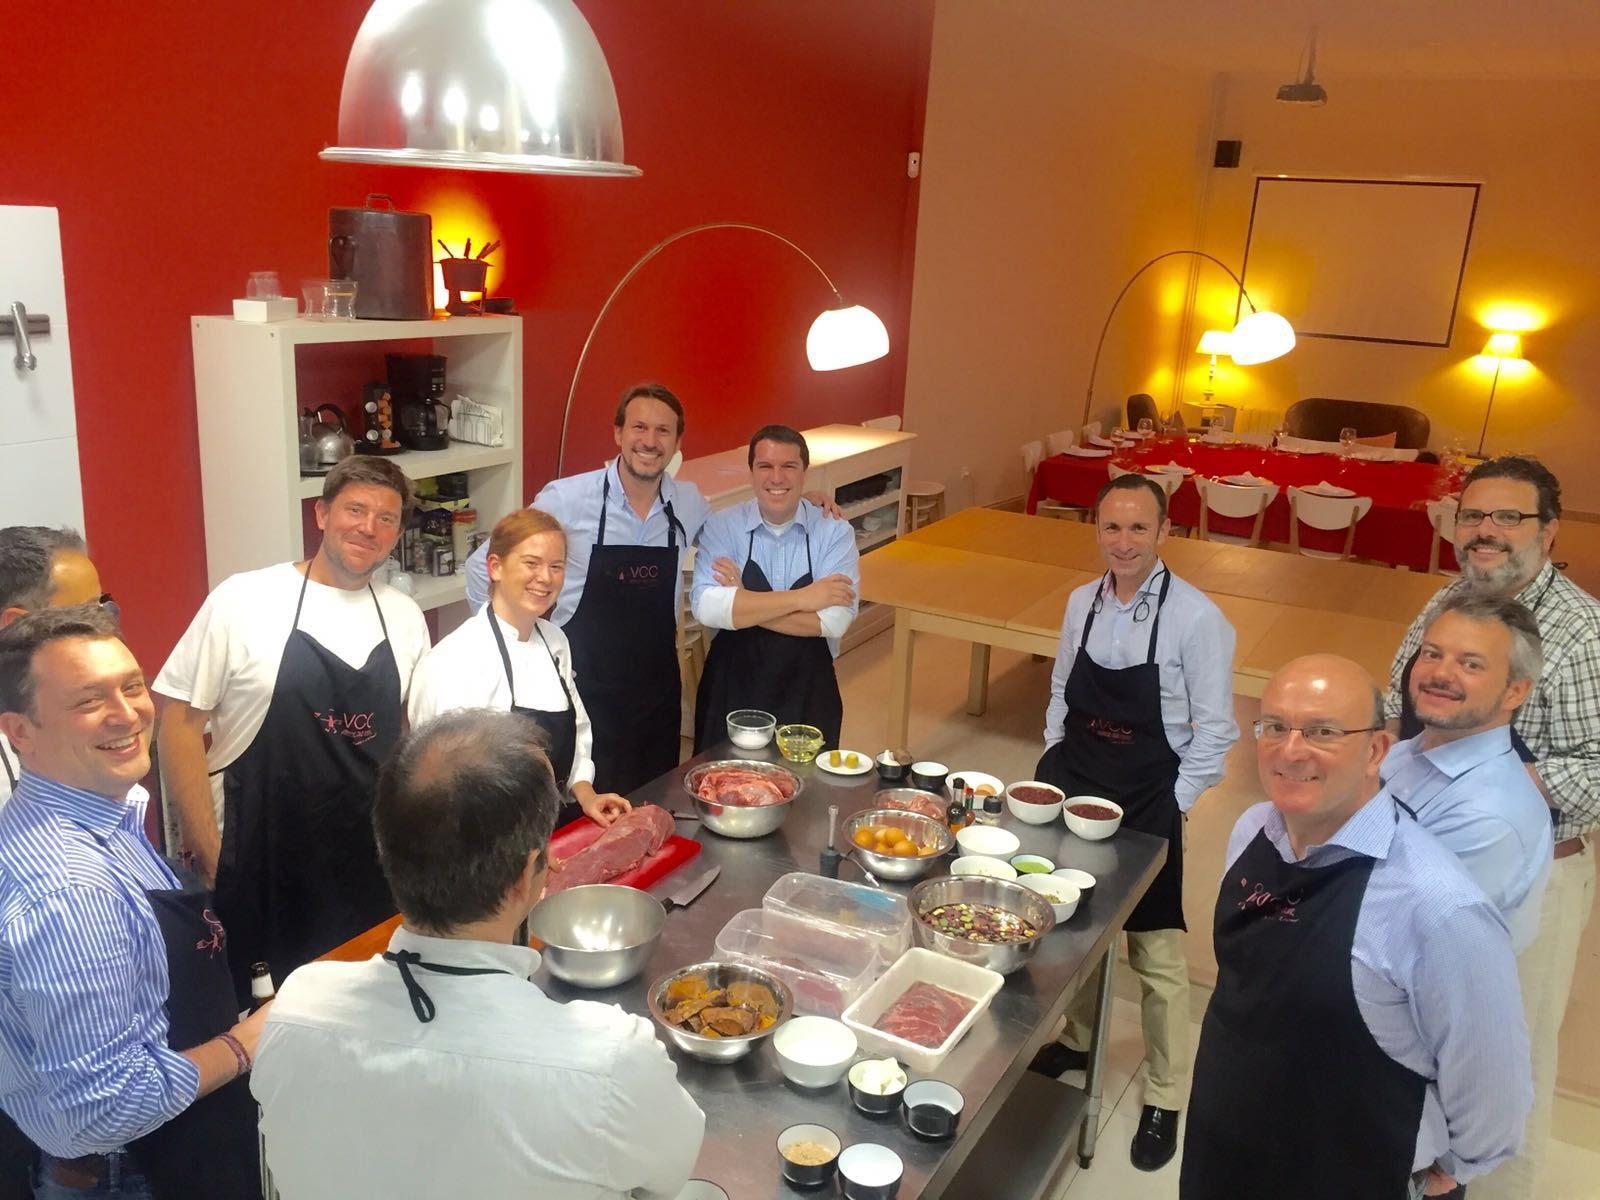 Curso de cocina mexicana en valencia club cocina valencia gastron mica - Valencia club cocina ...